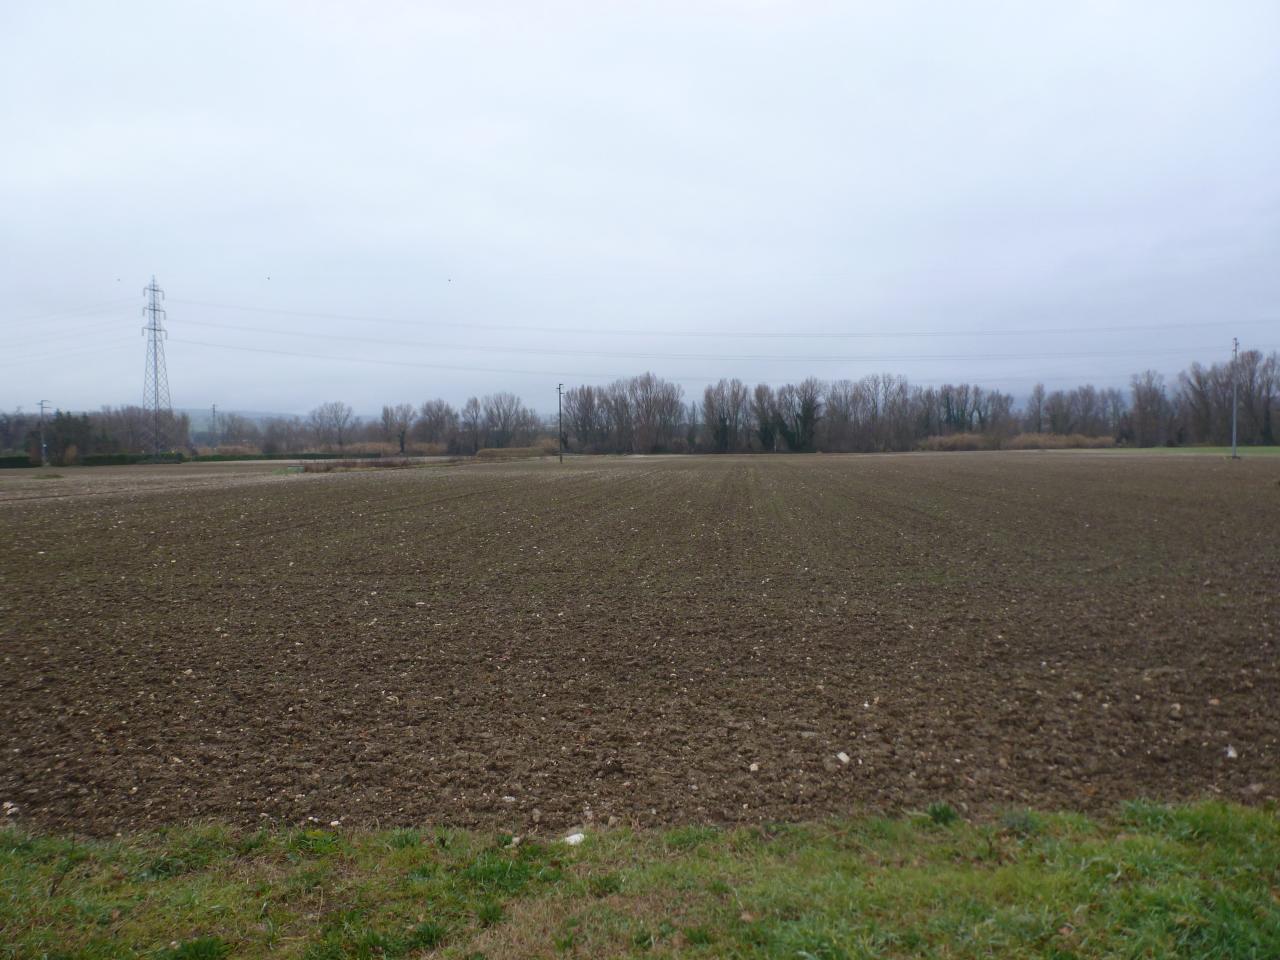 TERRENO AGRICOLO a PANTIERE, Castelbellino